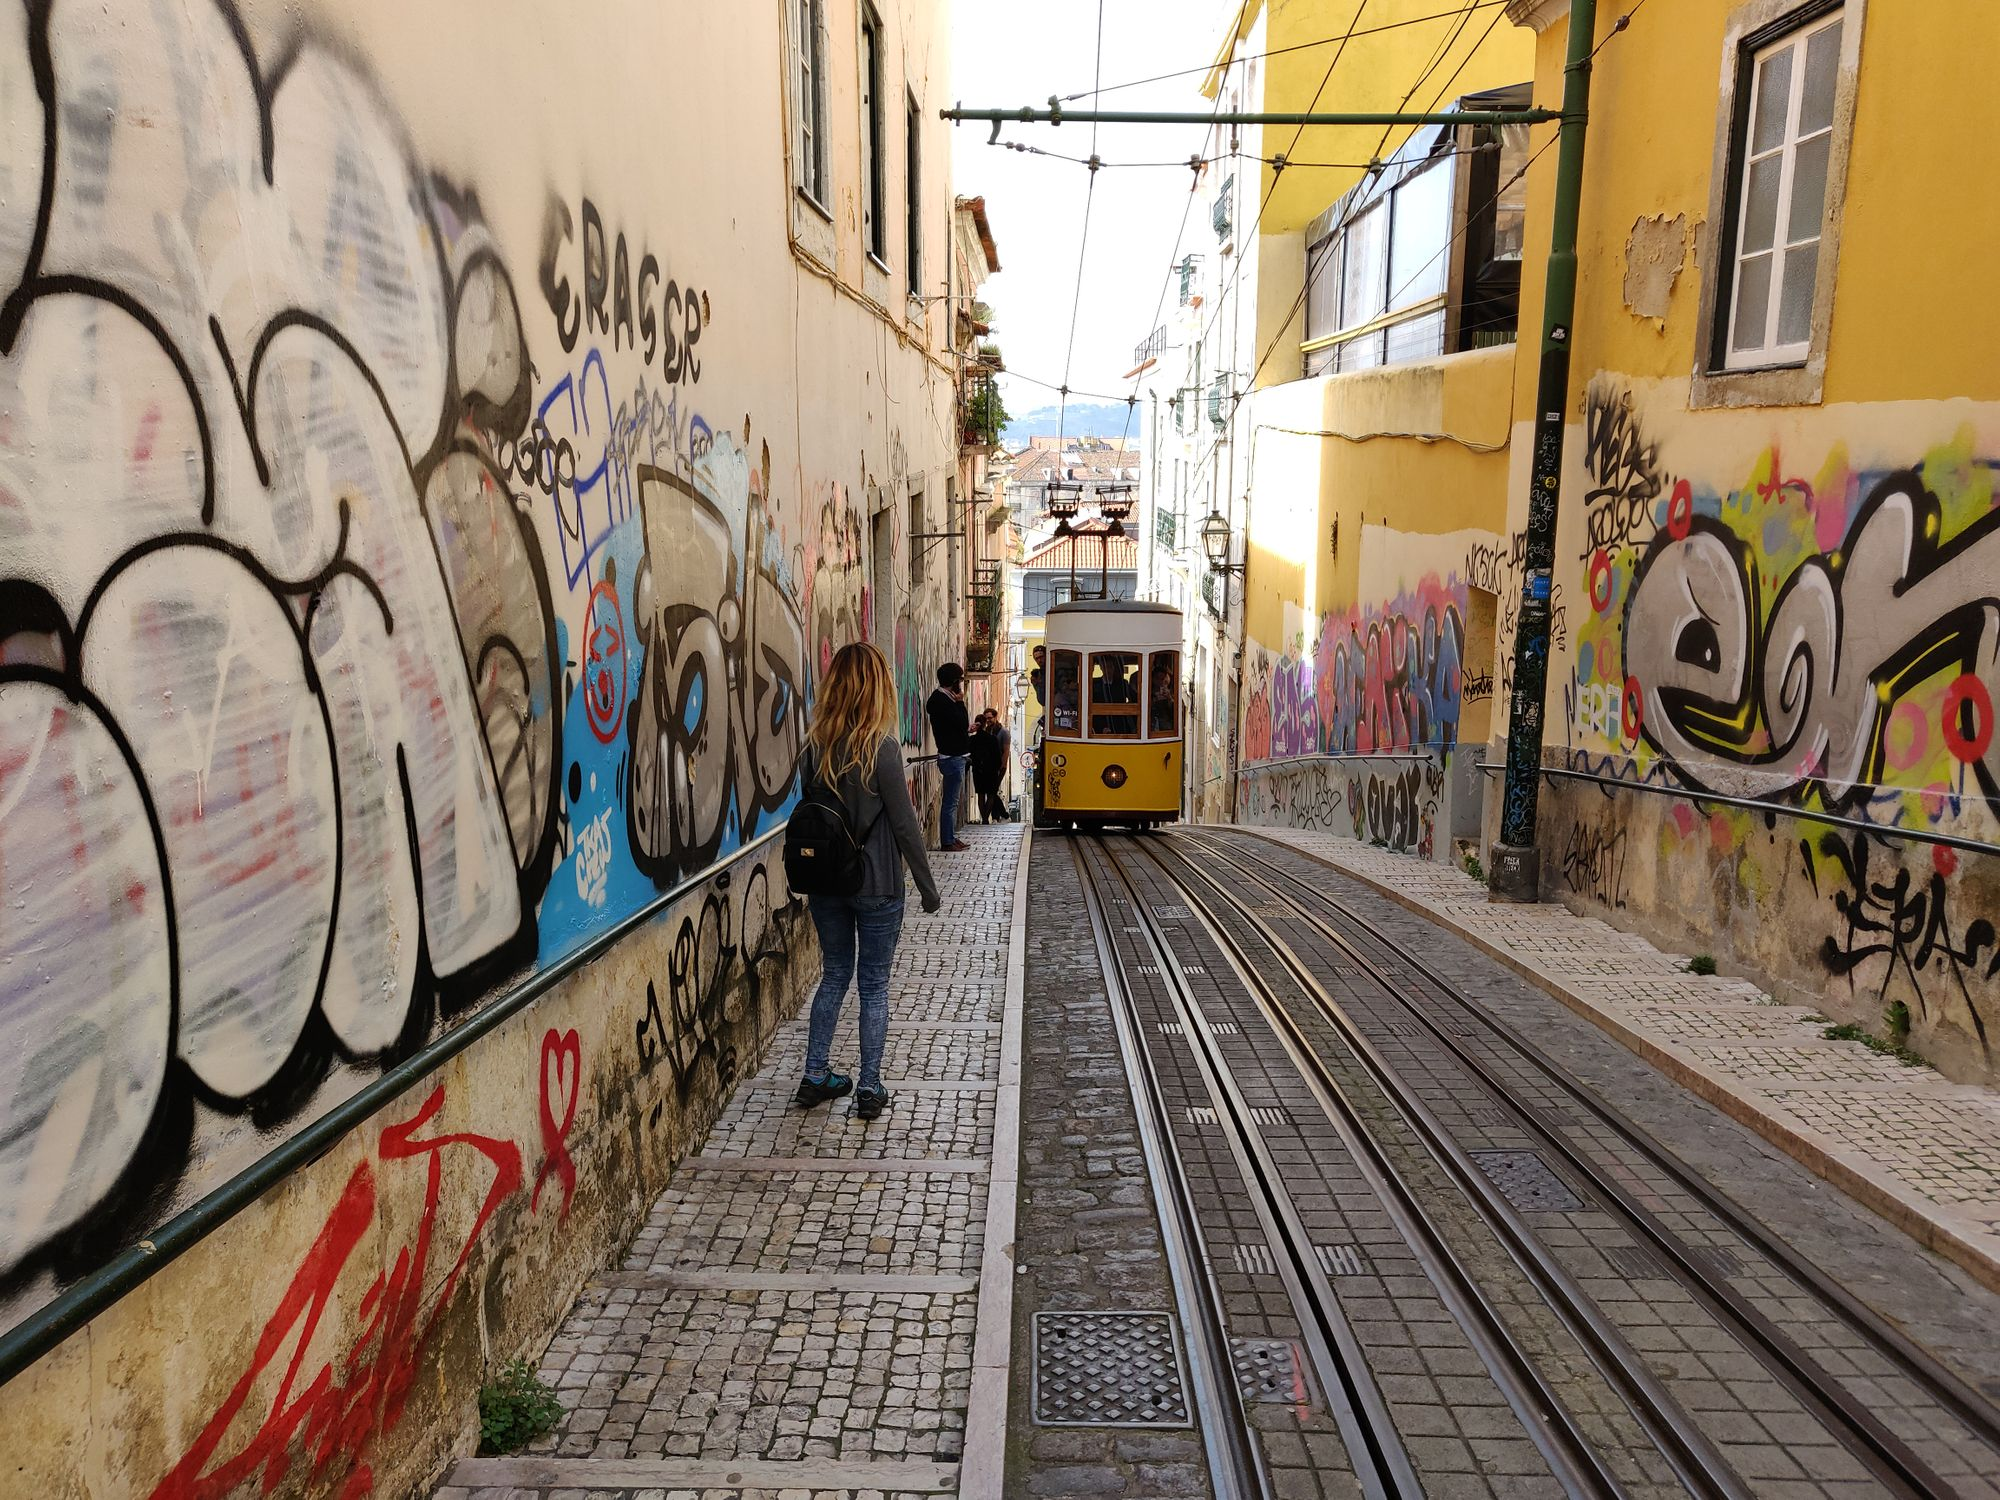 Un vieux tram remontant une pente